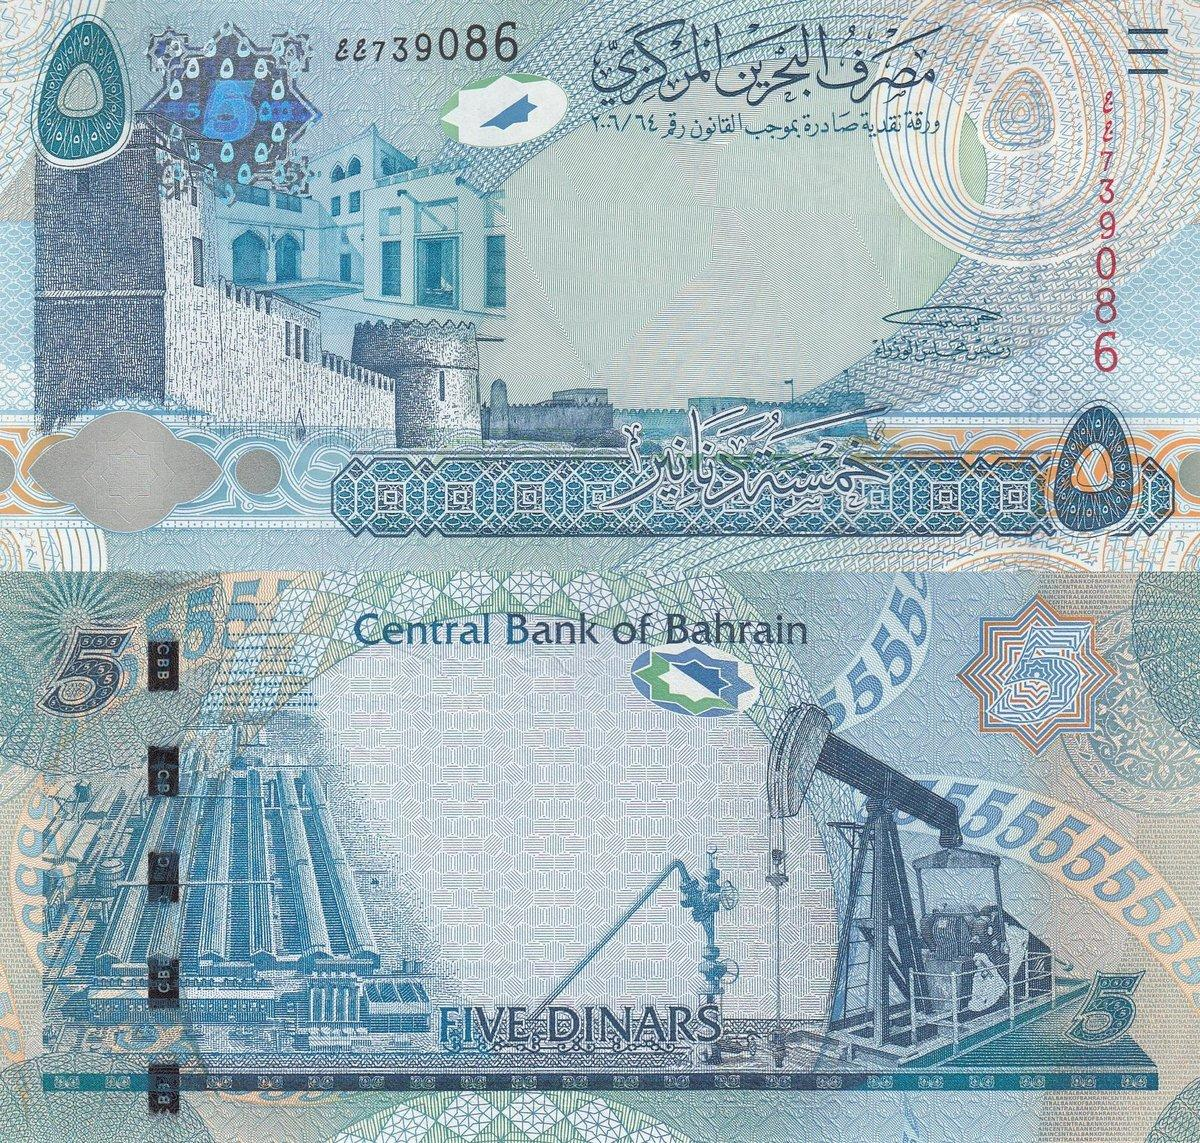 JORDAN Paper Money 5 DINARS 2006 UNC